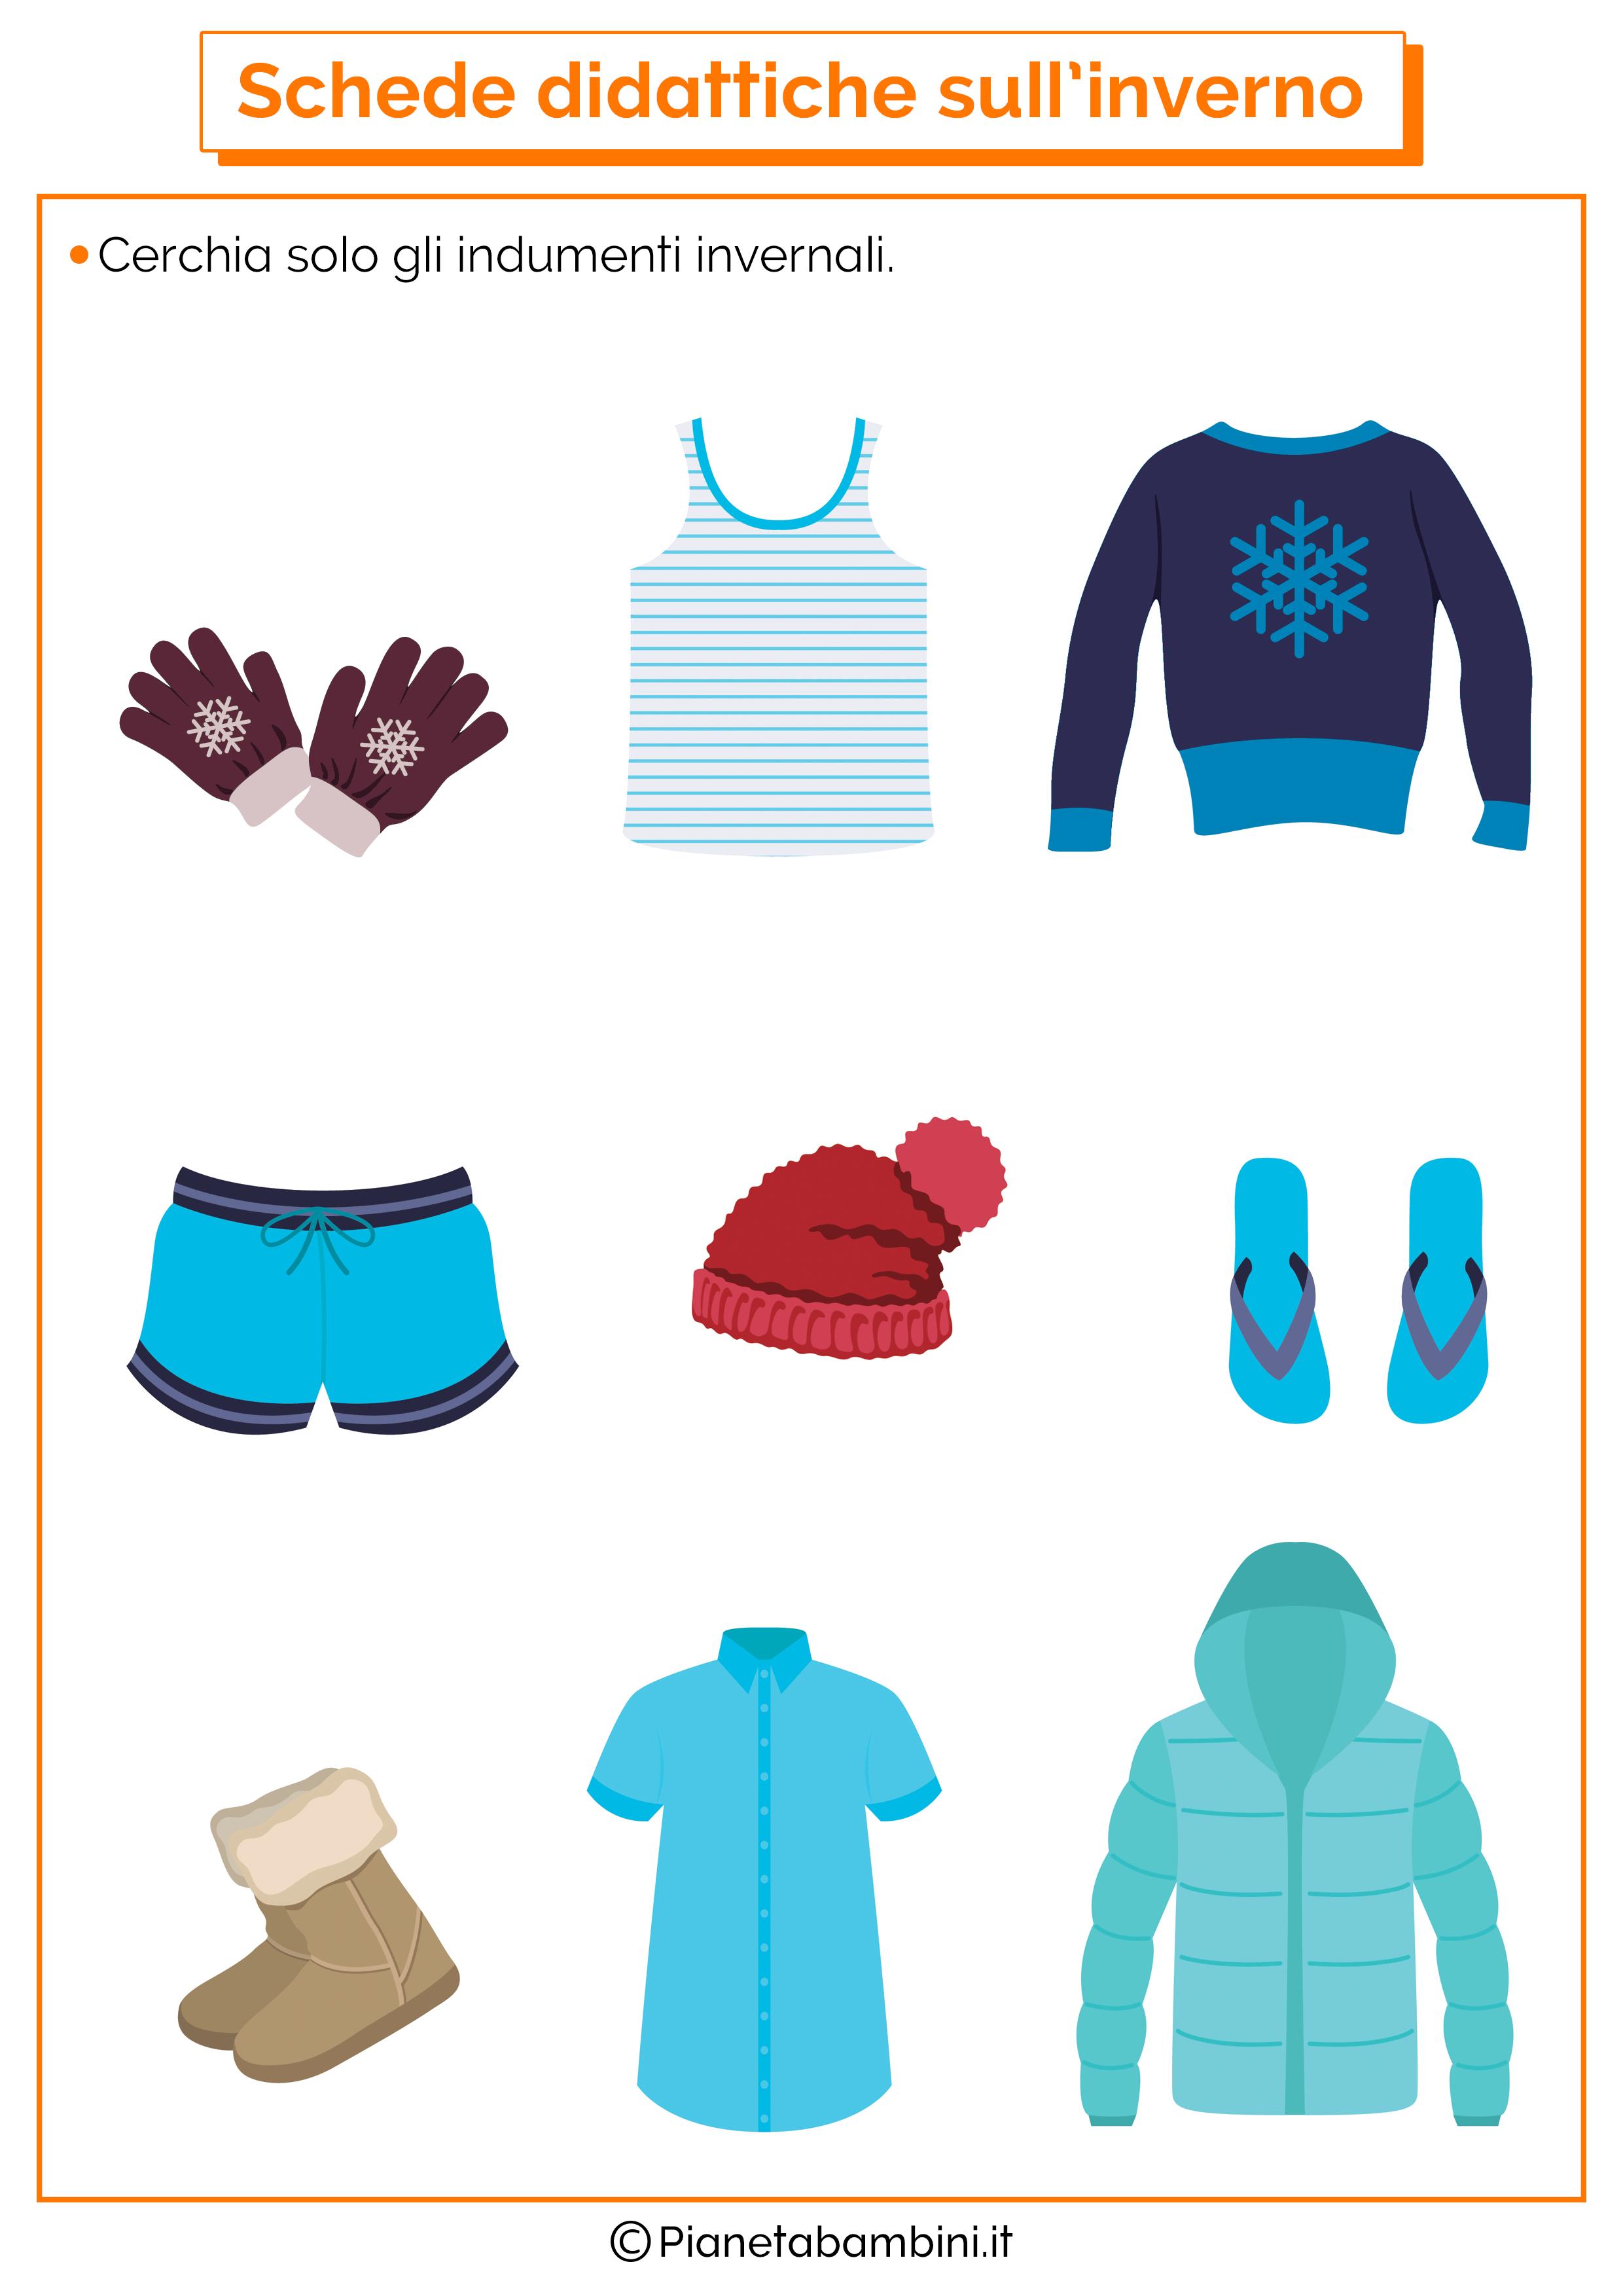 Schede didattiche sull inverno per la scuola dell infanzia - Poesie primaverili per la scuola materna ...